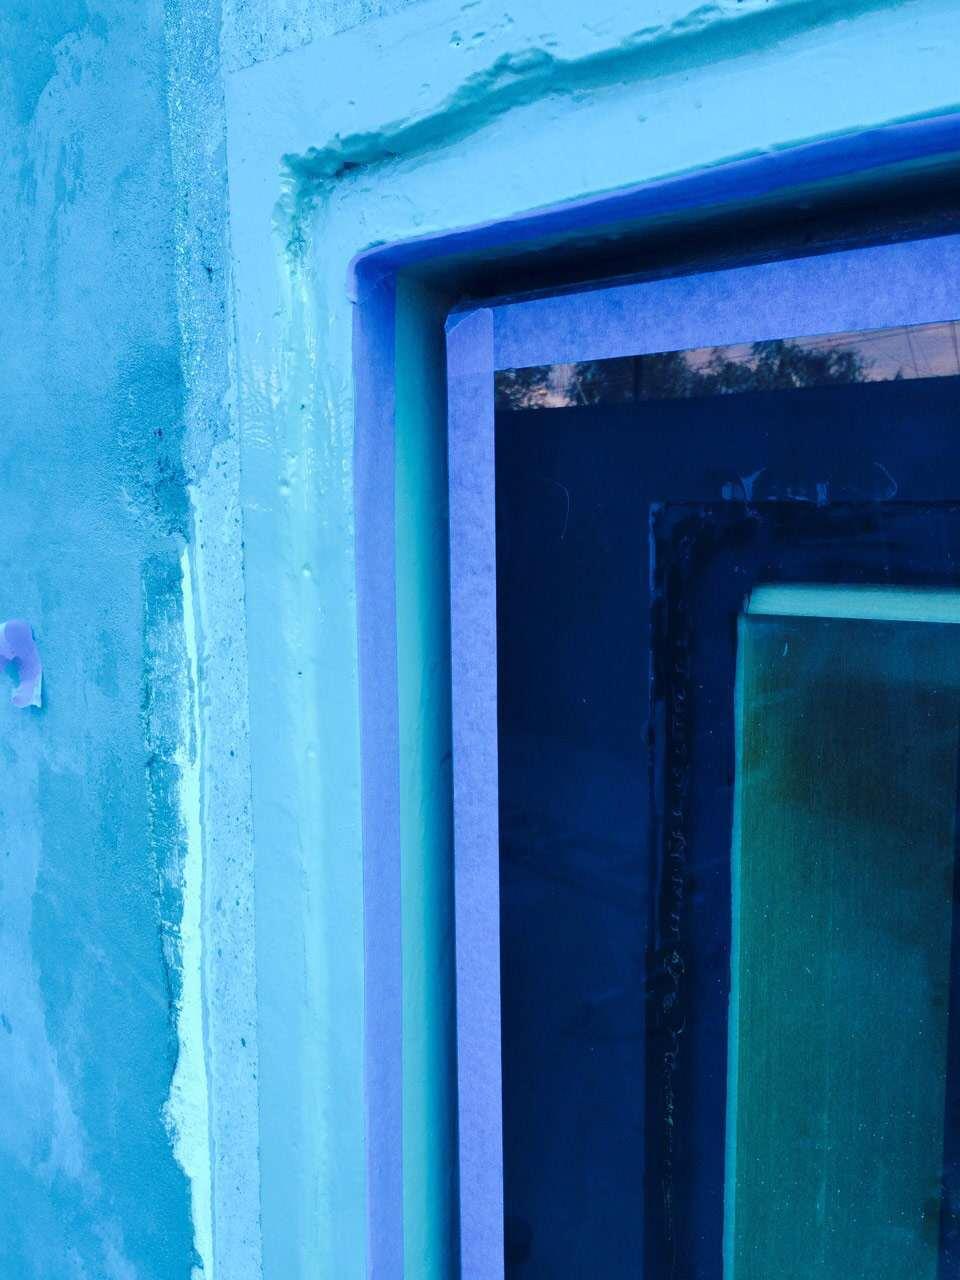 Swimming Pool Leak Repair : Swimming pool window leak repair pools acrylic